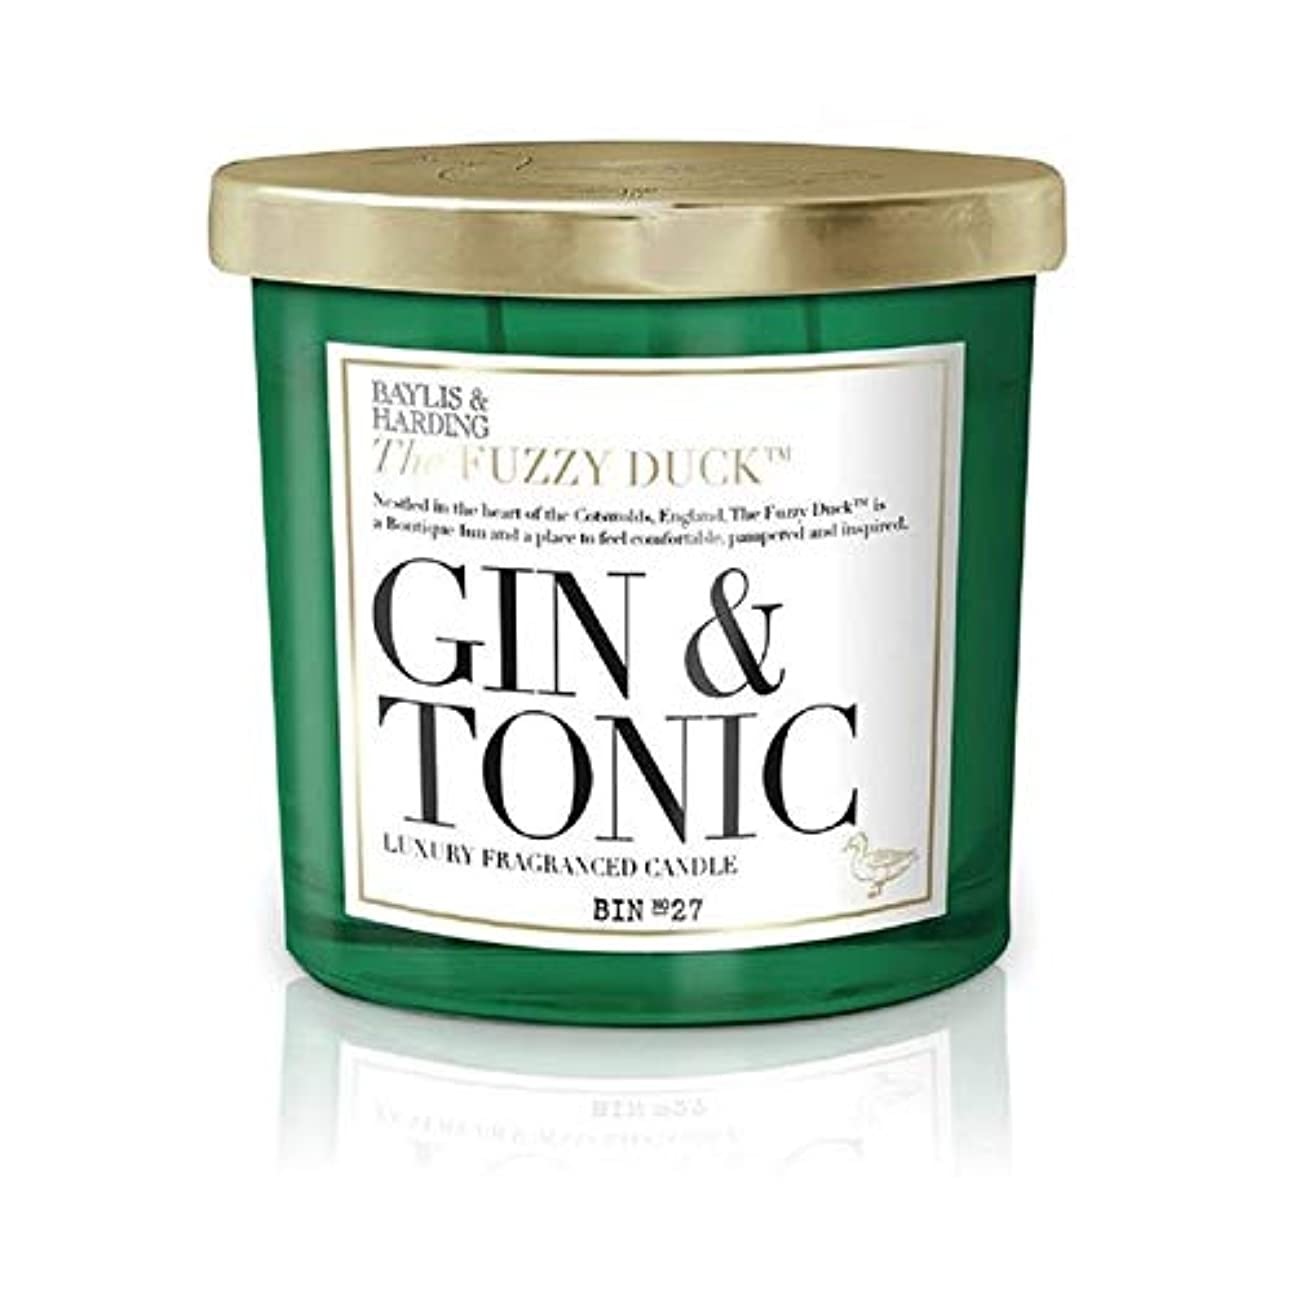 個人的に優れた定義[Baylis & Harding ] ベイリス&ハーディングファジーダックジン&トニック2芯キャンドル - Baylis & Harding Fuzzy Duck Gin & Tonic 2 Wick Candle [並行輸入品]